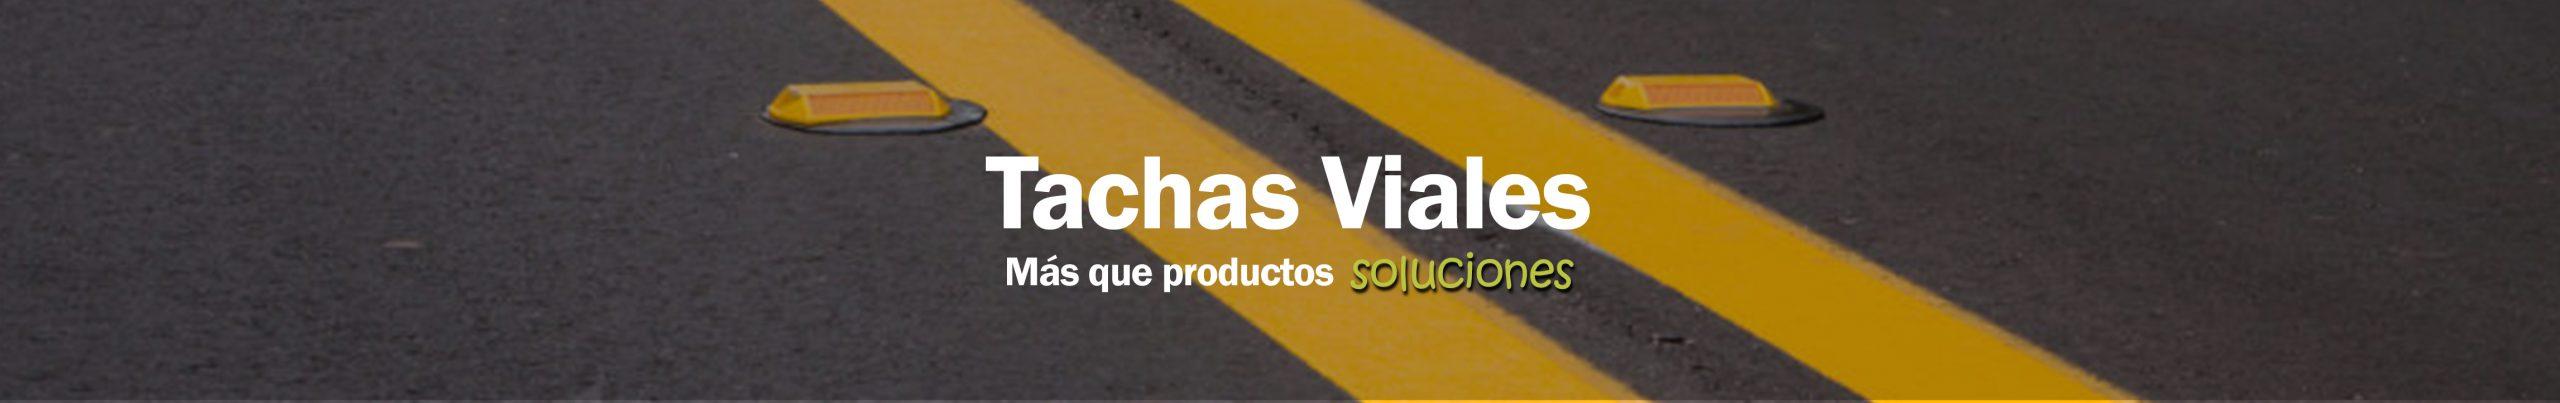 Tachas Viales